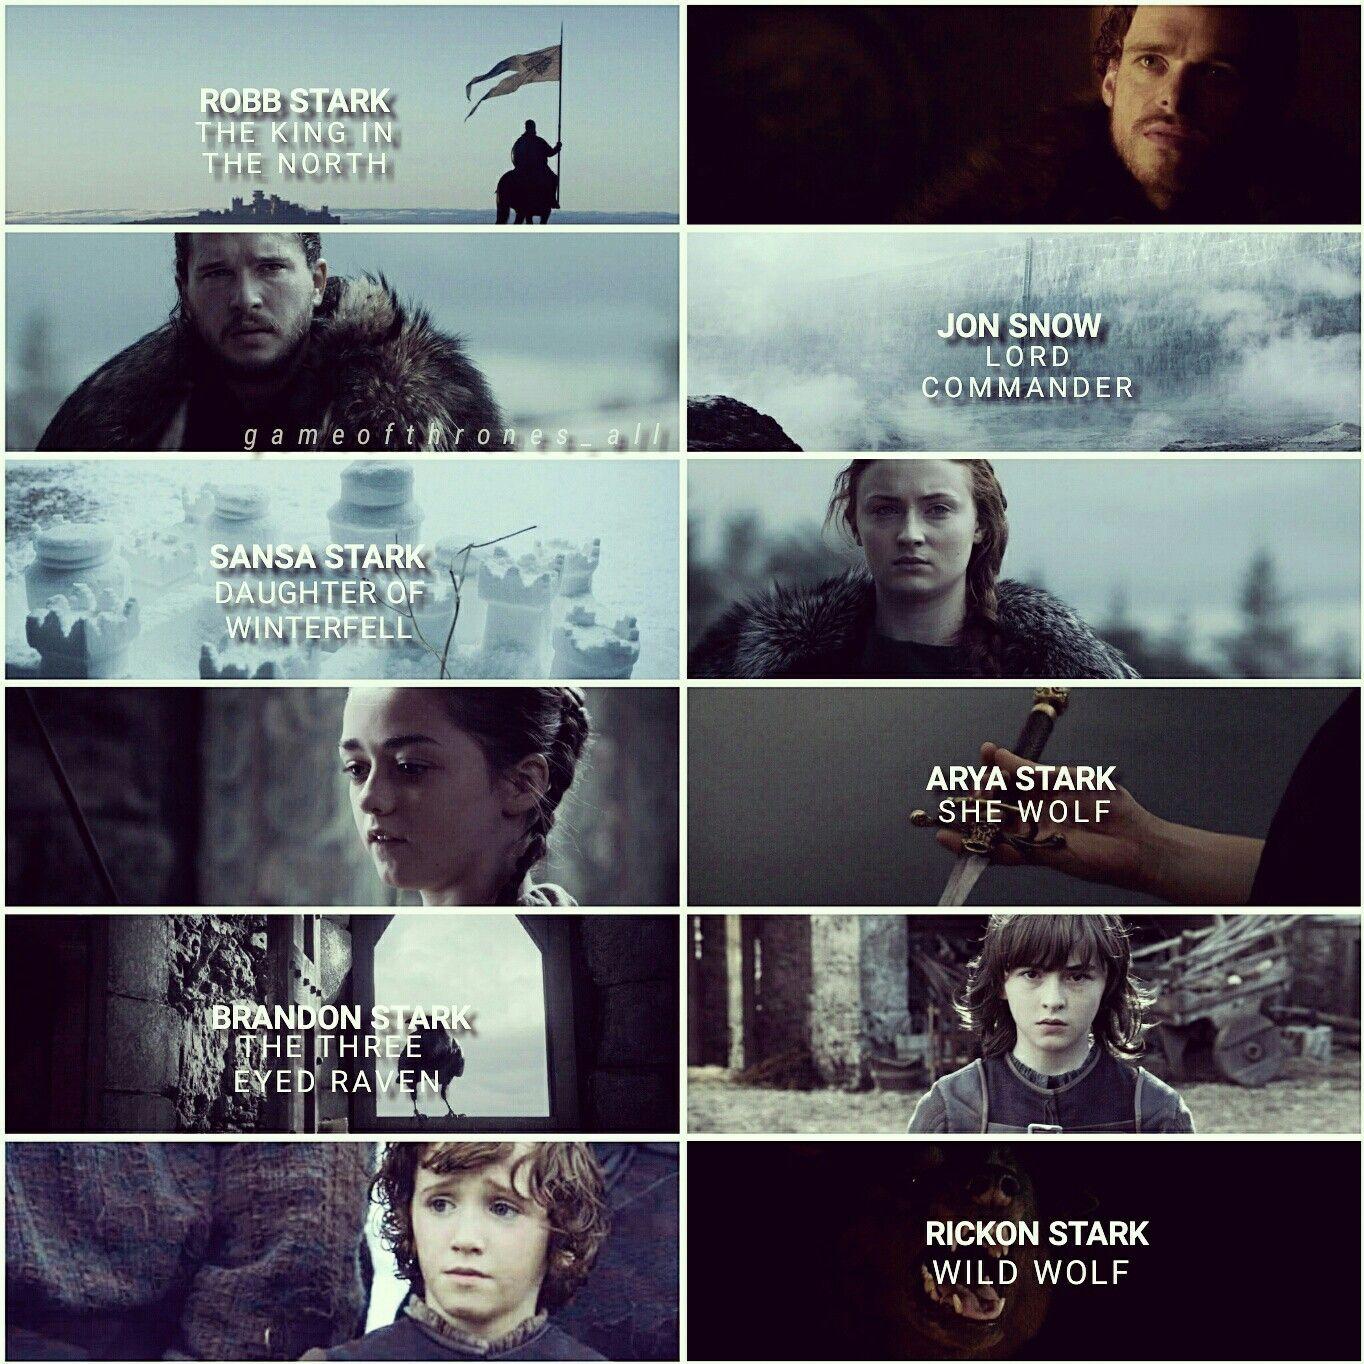 Starks Edit House Stark Winter Is Coming Jon Snow Sansa Stark Robb Stark Arya Stark Bran Stark Rob King In The North A Song Of Ice And Fire Sansa Stark